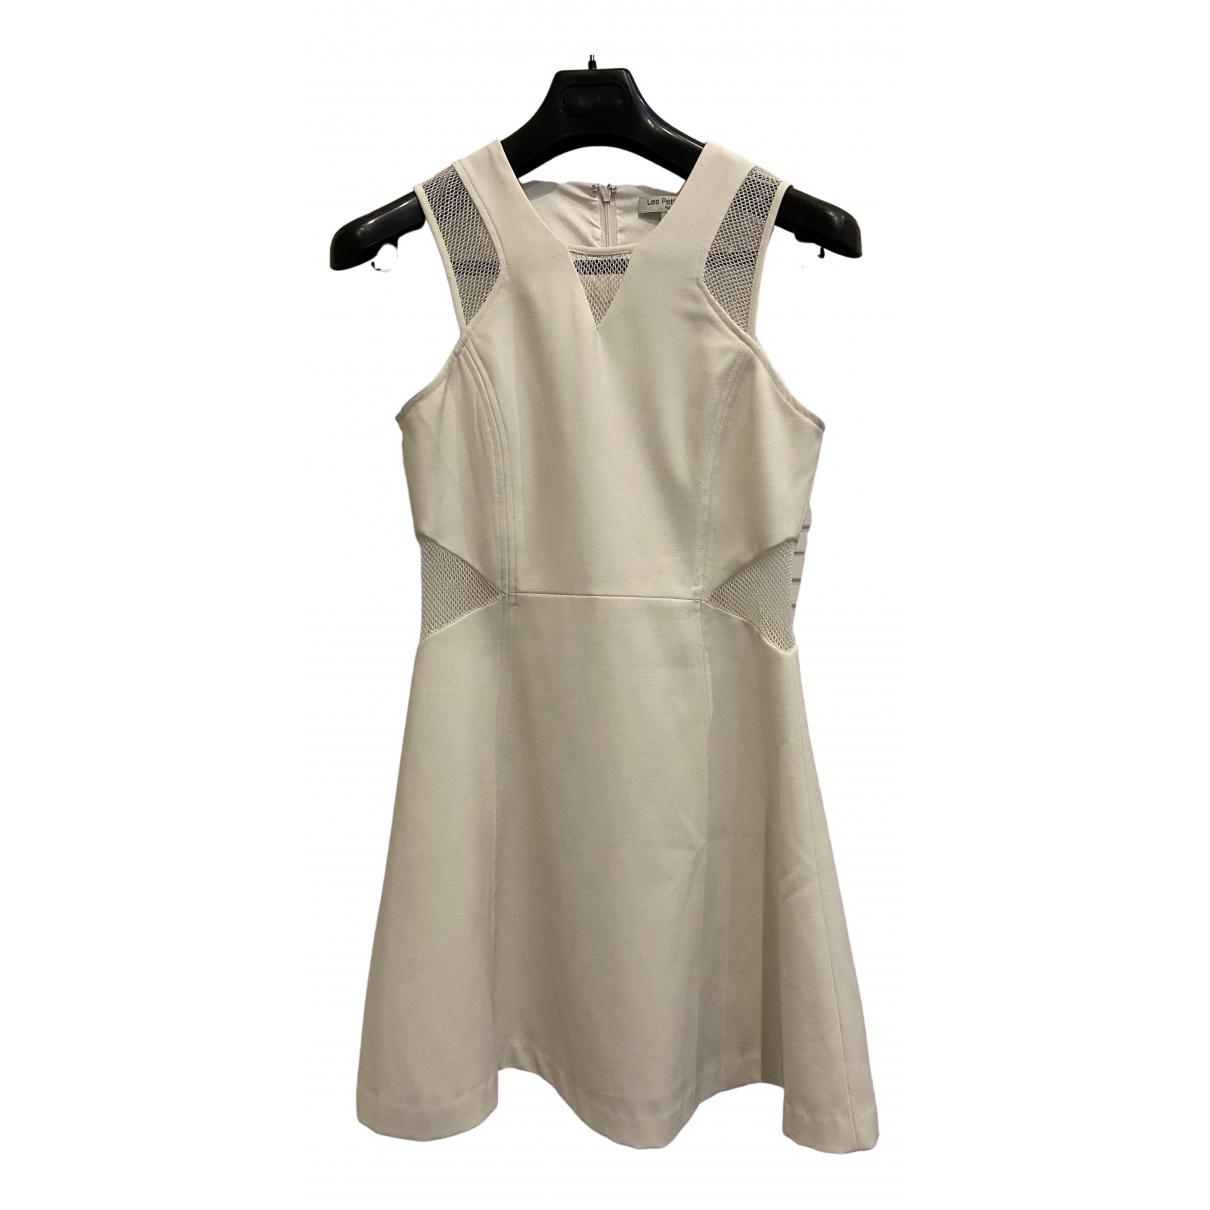 Les Petites \N Kleid in  Weiss Polyester